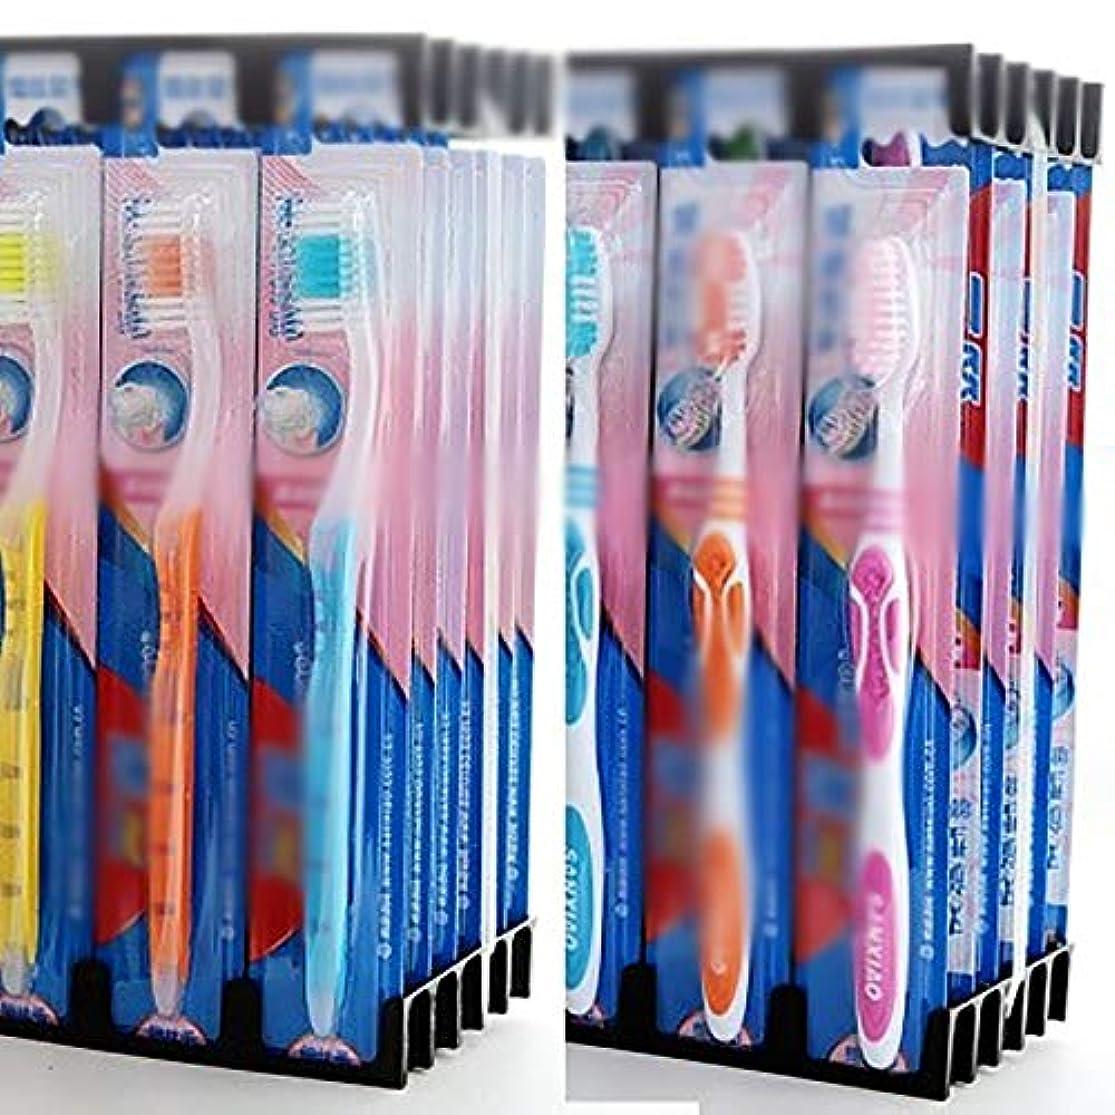 テニスヘルメットなしで歯ブラシ 30本のバルク歯ブラシ、ソフト毛歯ブラシ、歯科衛生の深いクリーニング - 使用可能なスタイルの3種類 KHL (色 : B, サイズ : 30 packs)